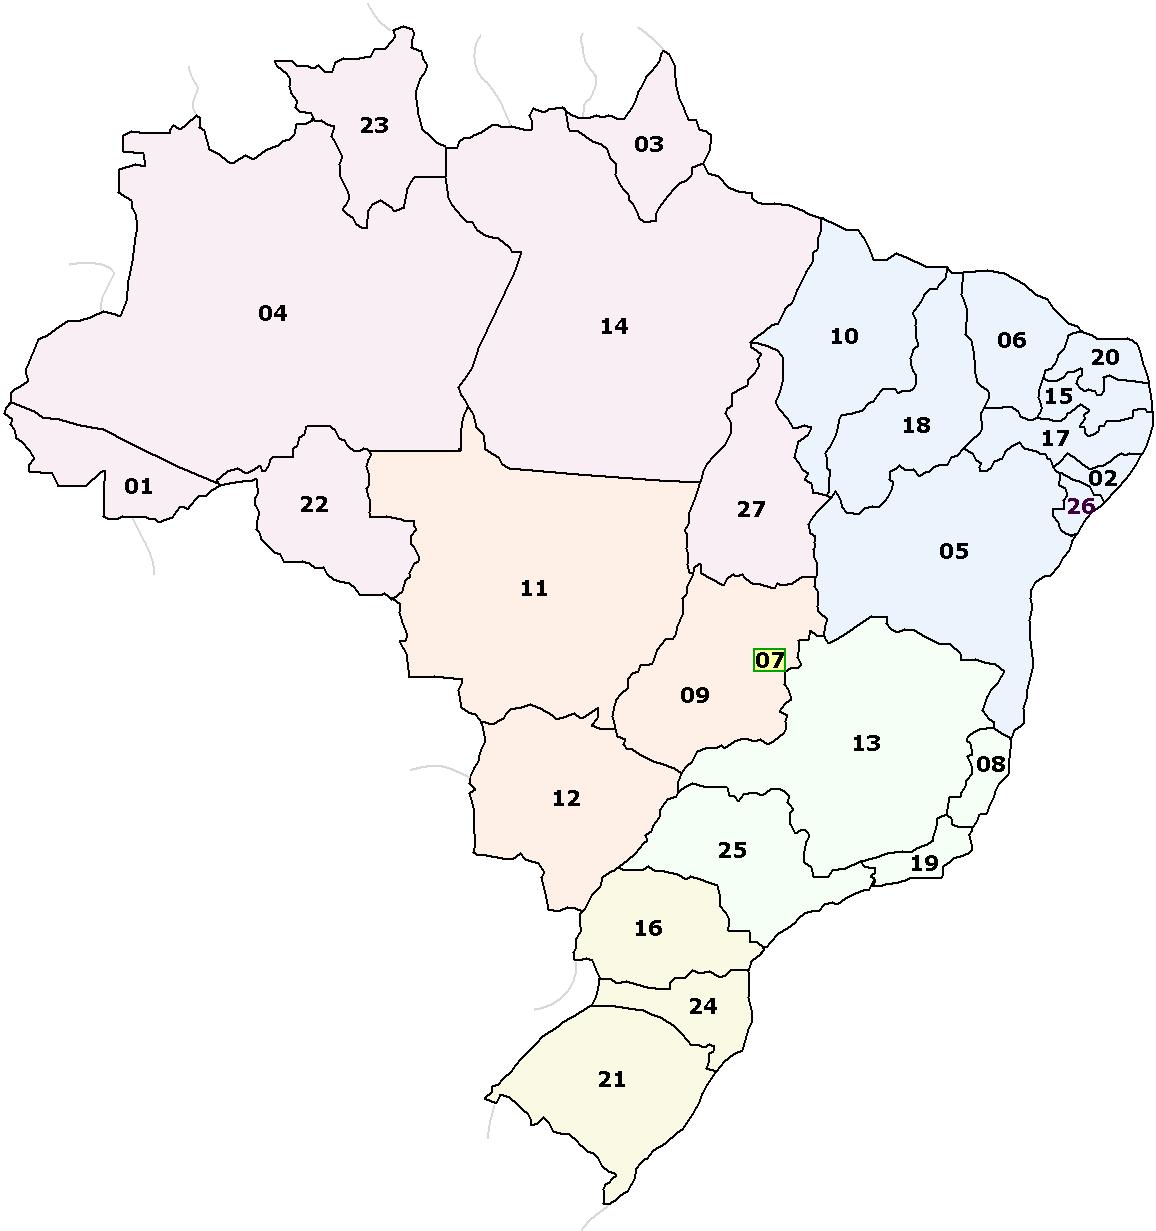 Ficheiro:Mapa do Brasil por regiões.PNG.